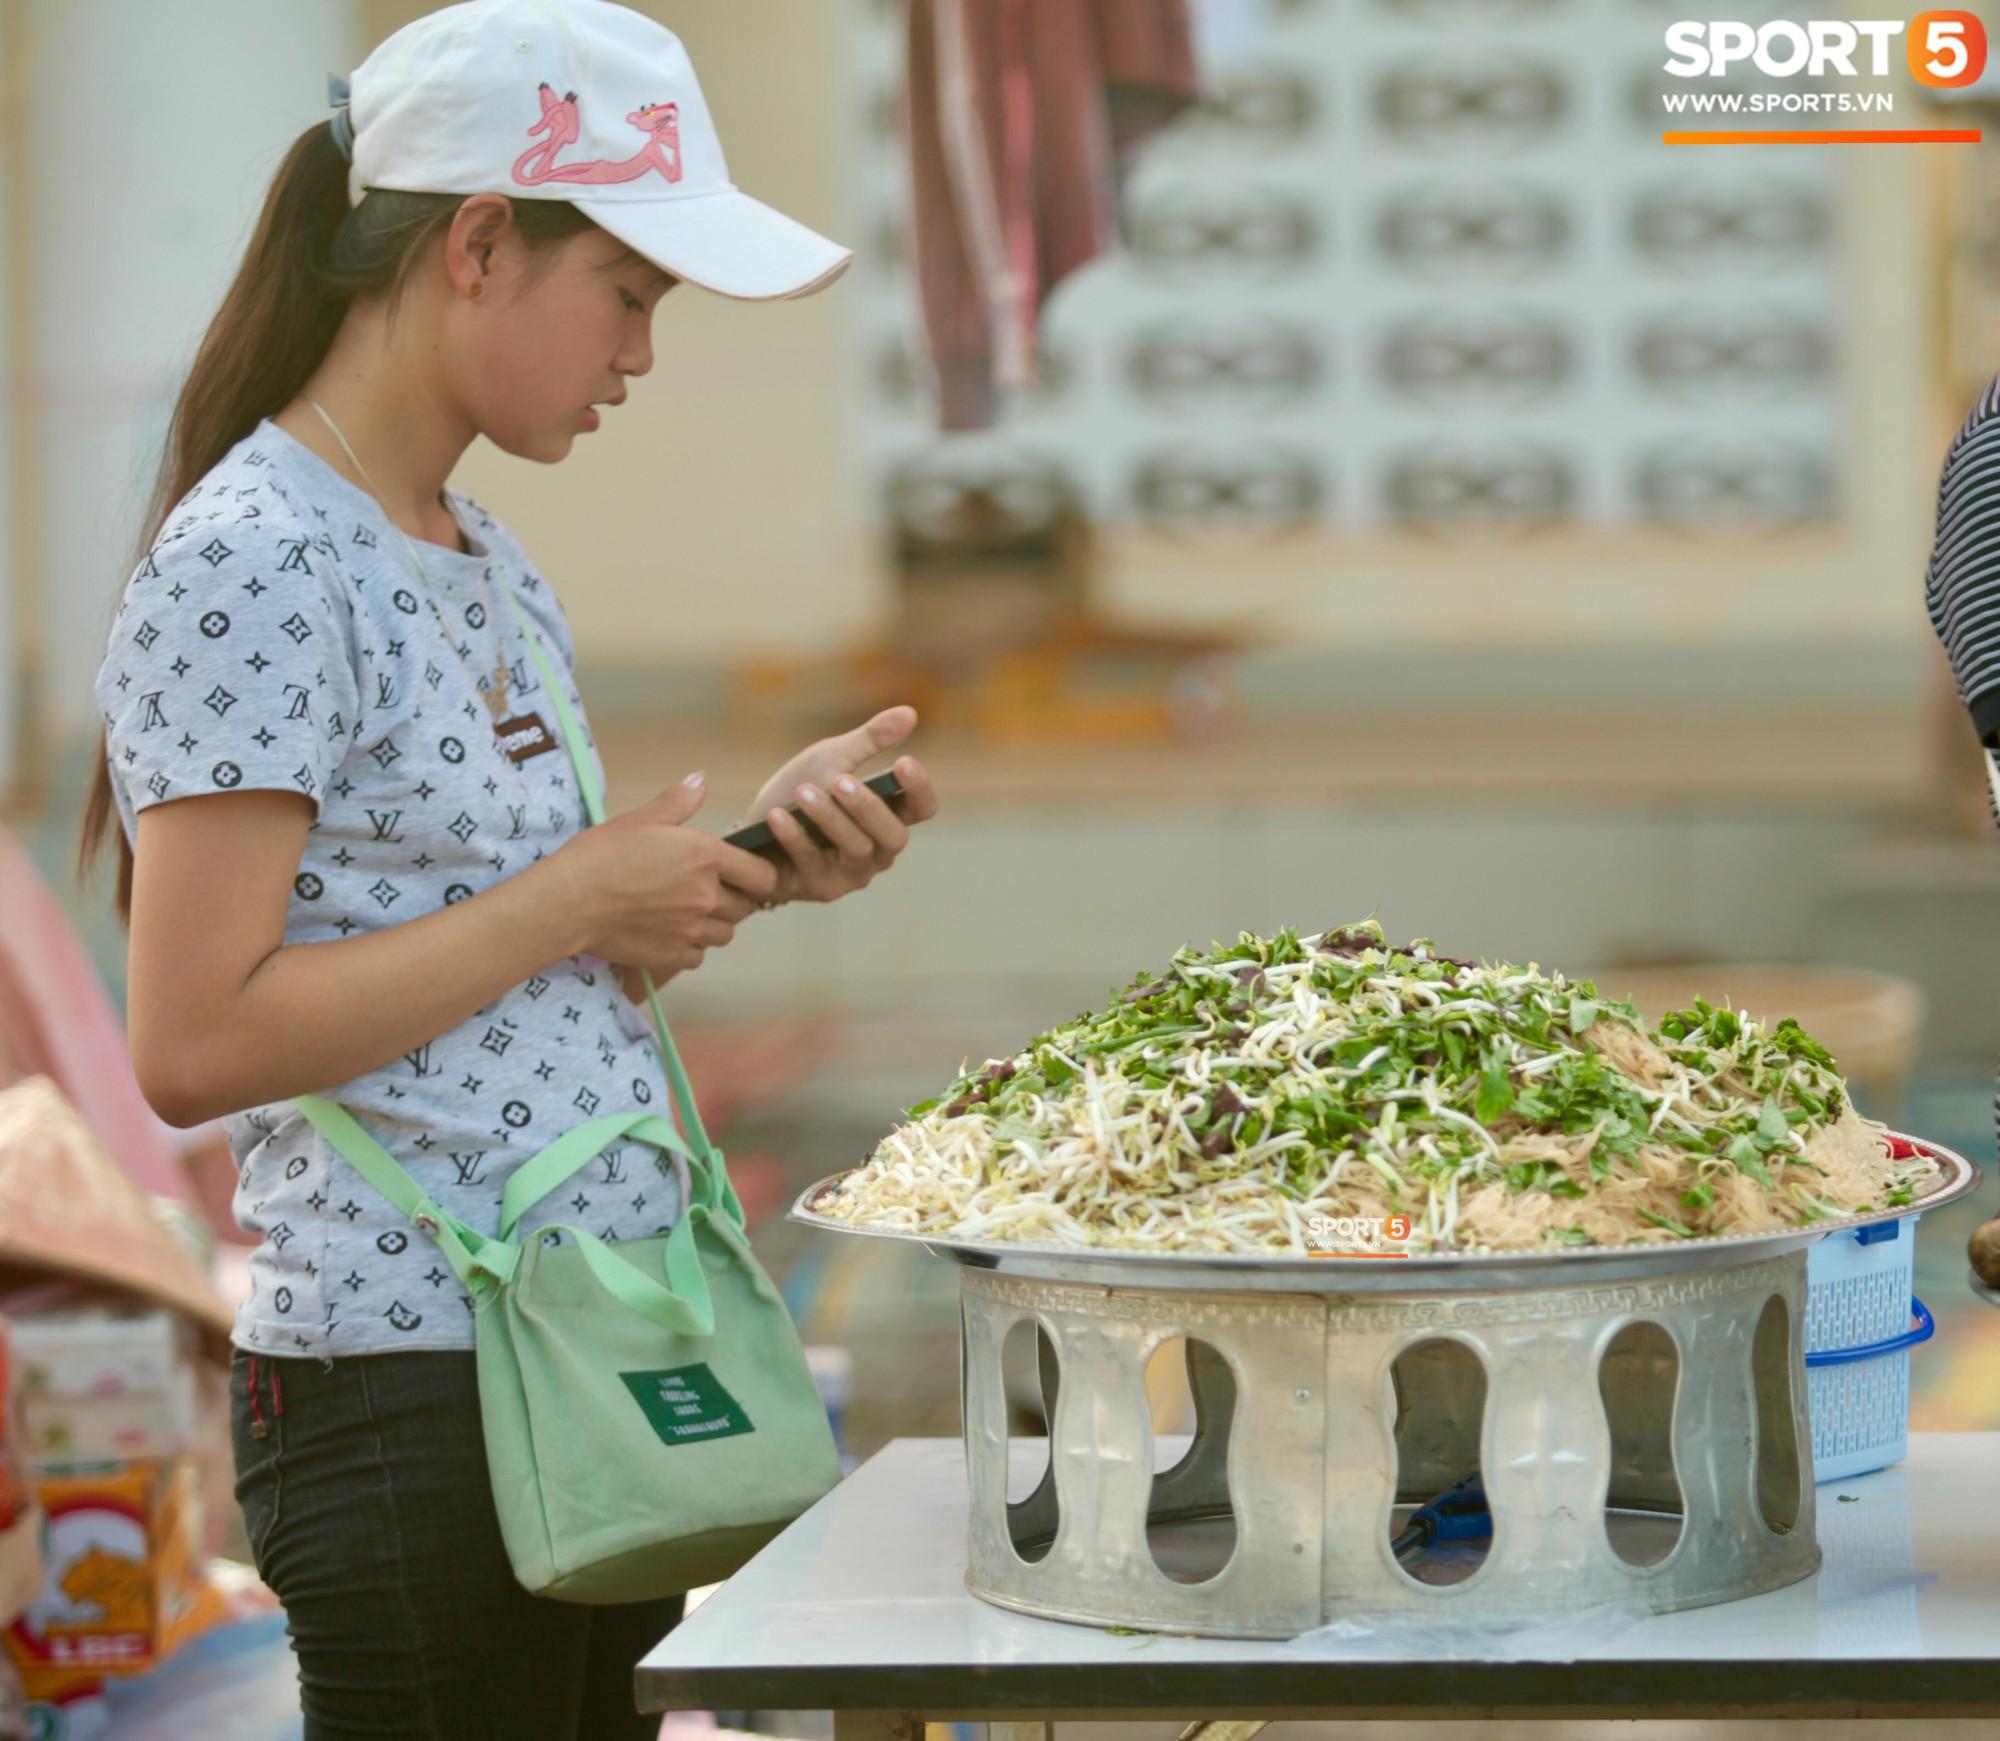 CĐV Việt Nam được chiêu đãi thịt xiên nướng, miến trộn trước thềm AFF Cup 2018 - Ảnh 2.